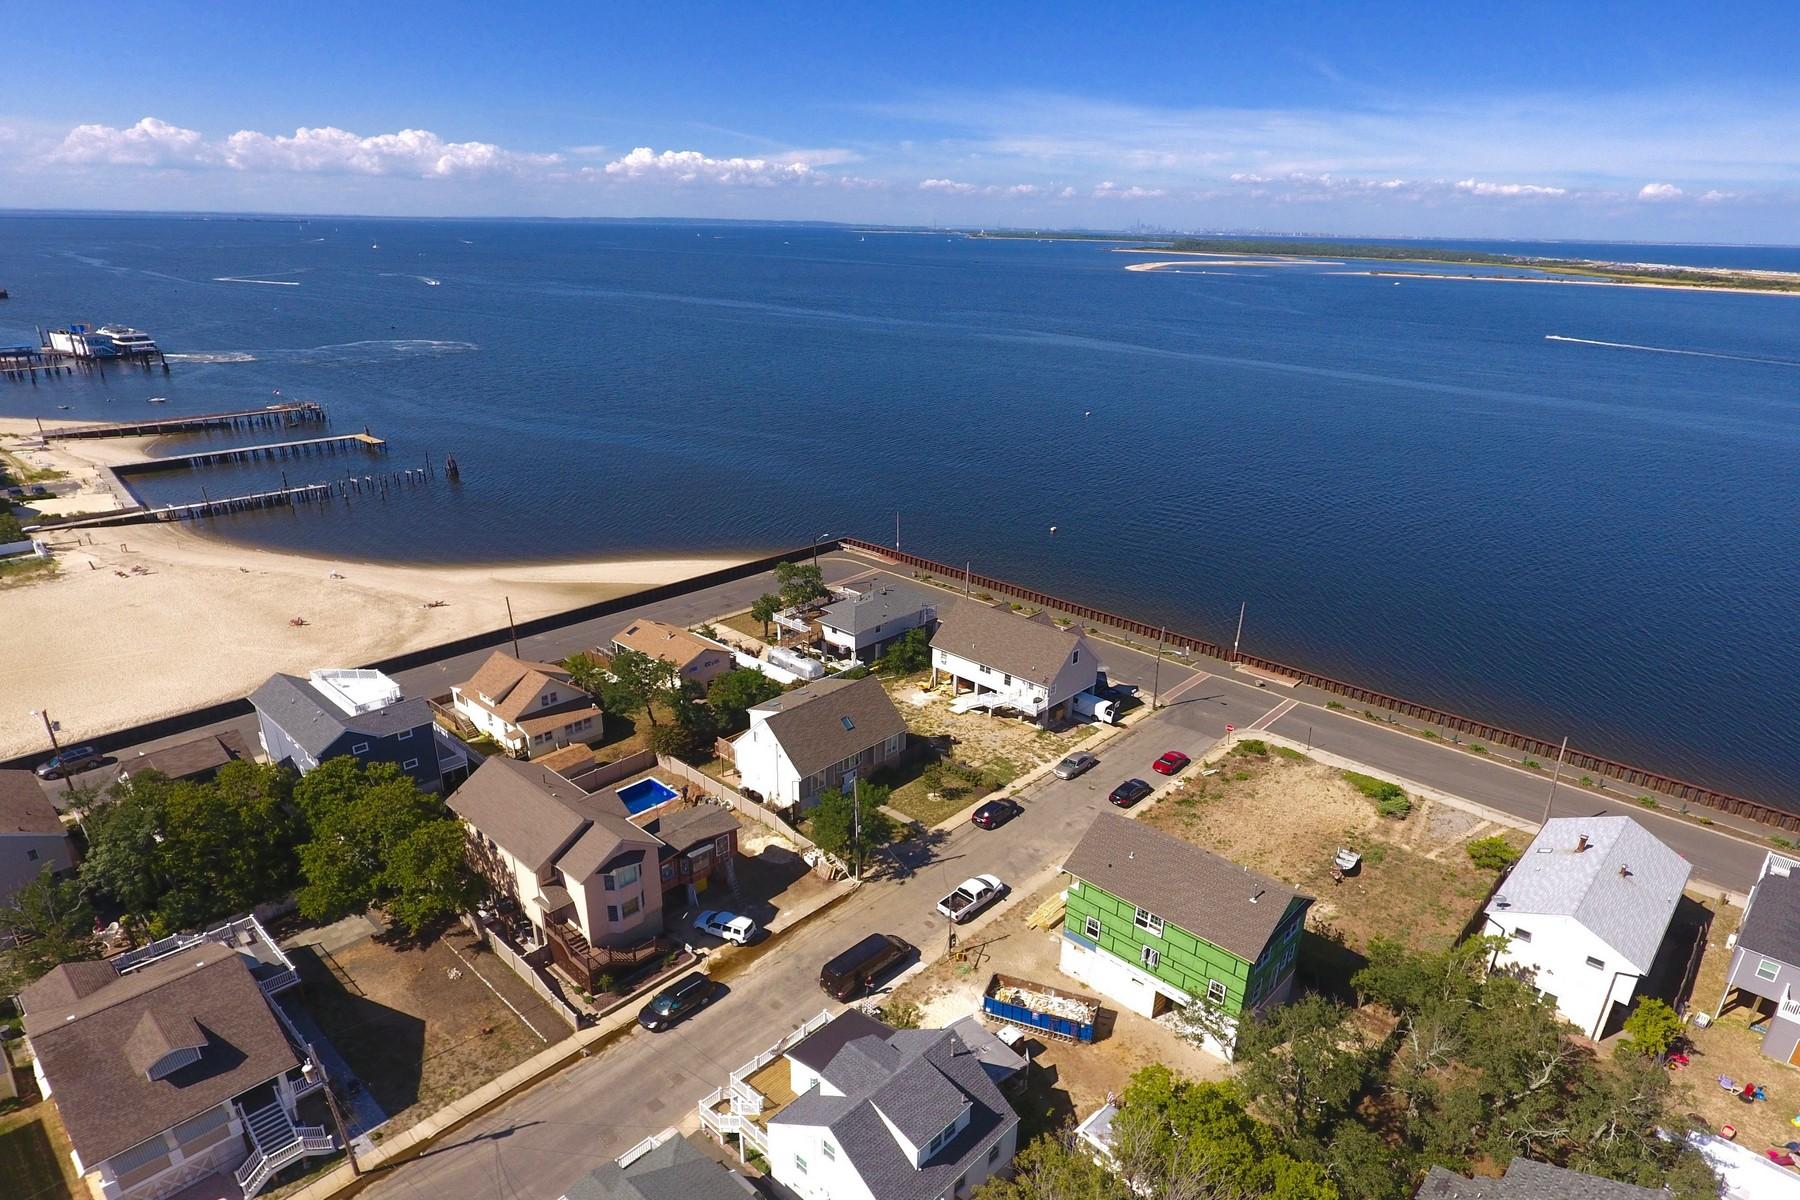 Частный односемейный дом для того Продажа на 0 Waterwitch Ave, Highlands 0 Waterwitch Ave. Highlands, Нью-Джерси 07732 Соединенные Штаты